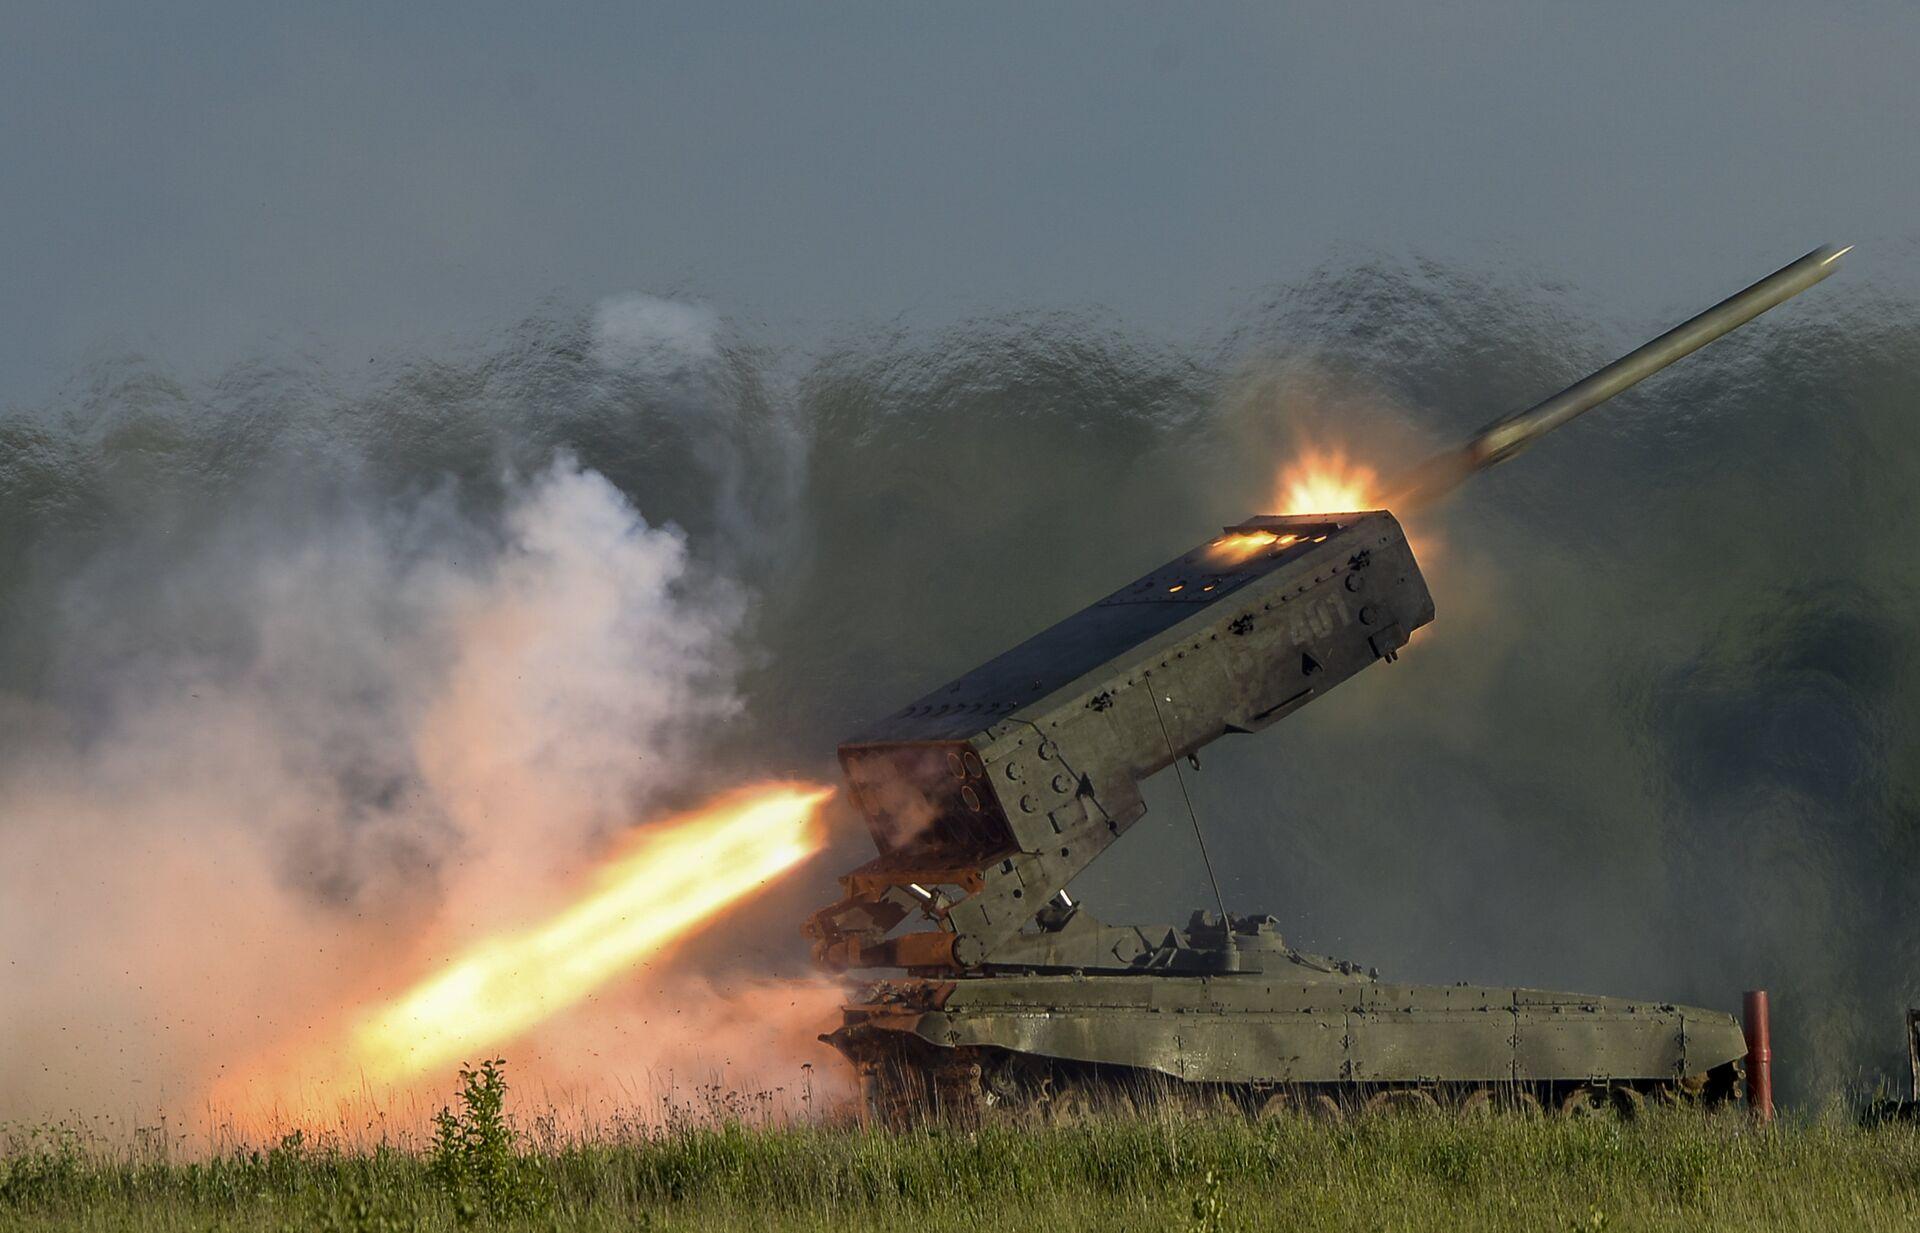 Пуск ракеты тяжелой огнеметной системой залпового огня ТОС-1А Солнцепек  - Sputnik Латвия, 1920, 27.08.2021